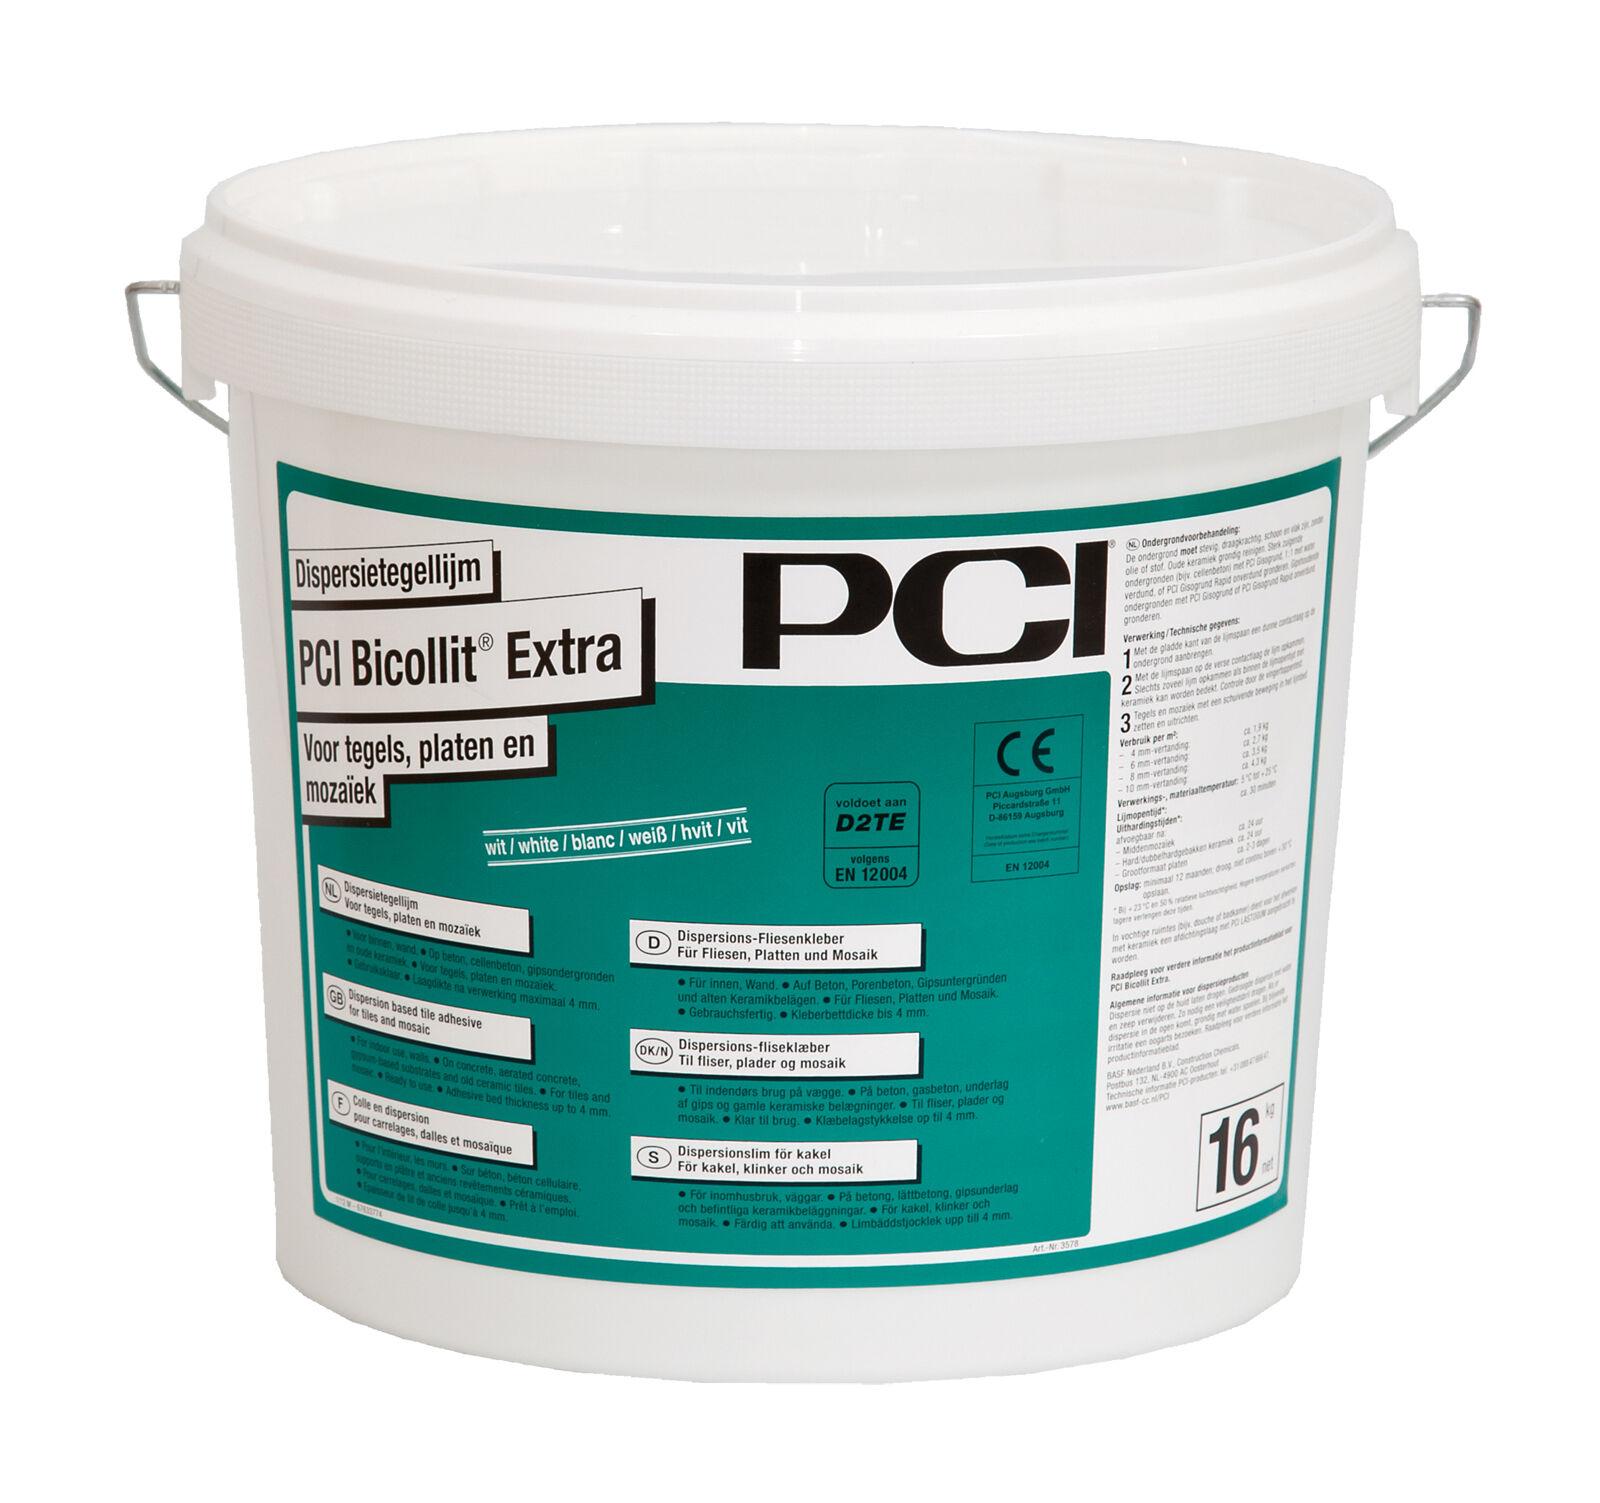 PCI Bicollit Extra 16 kg Fliesenkleber für keramischen Fliesen Platten & Mosaik